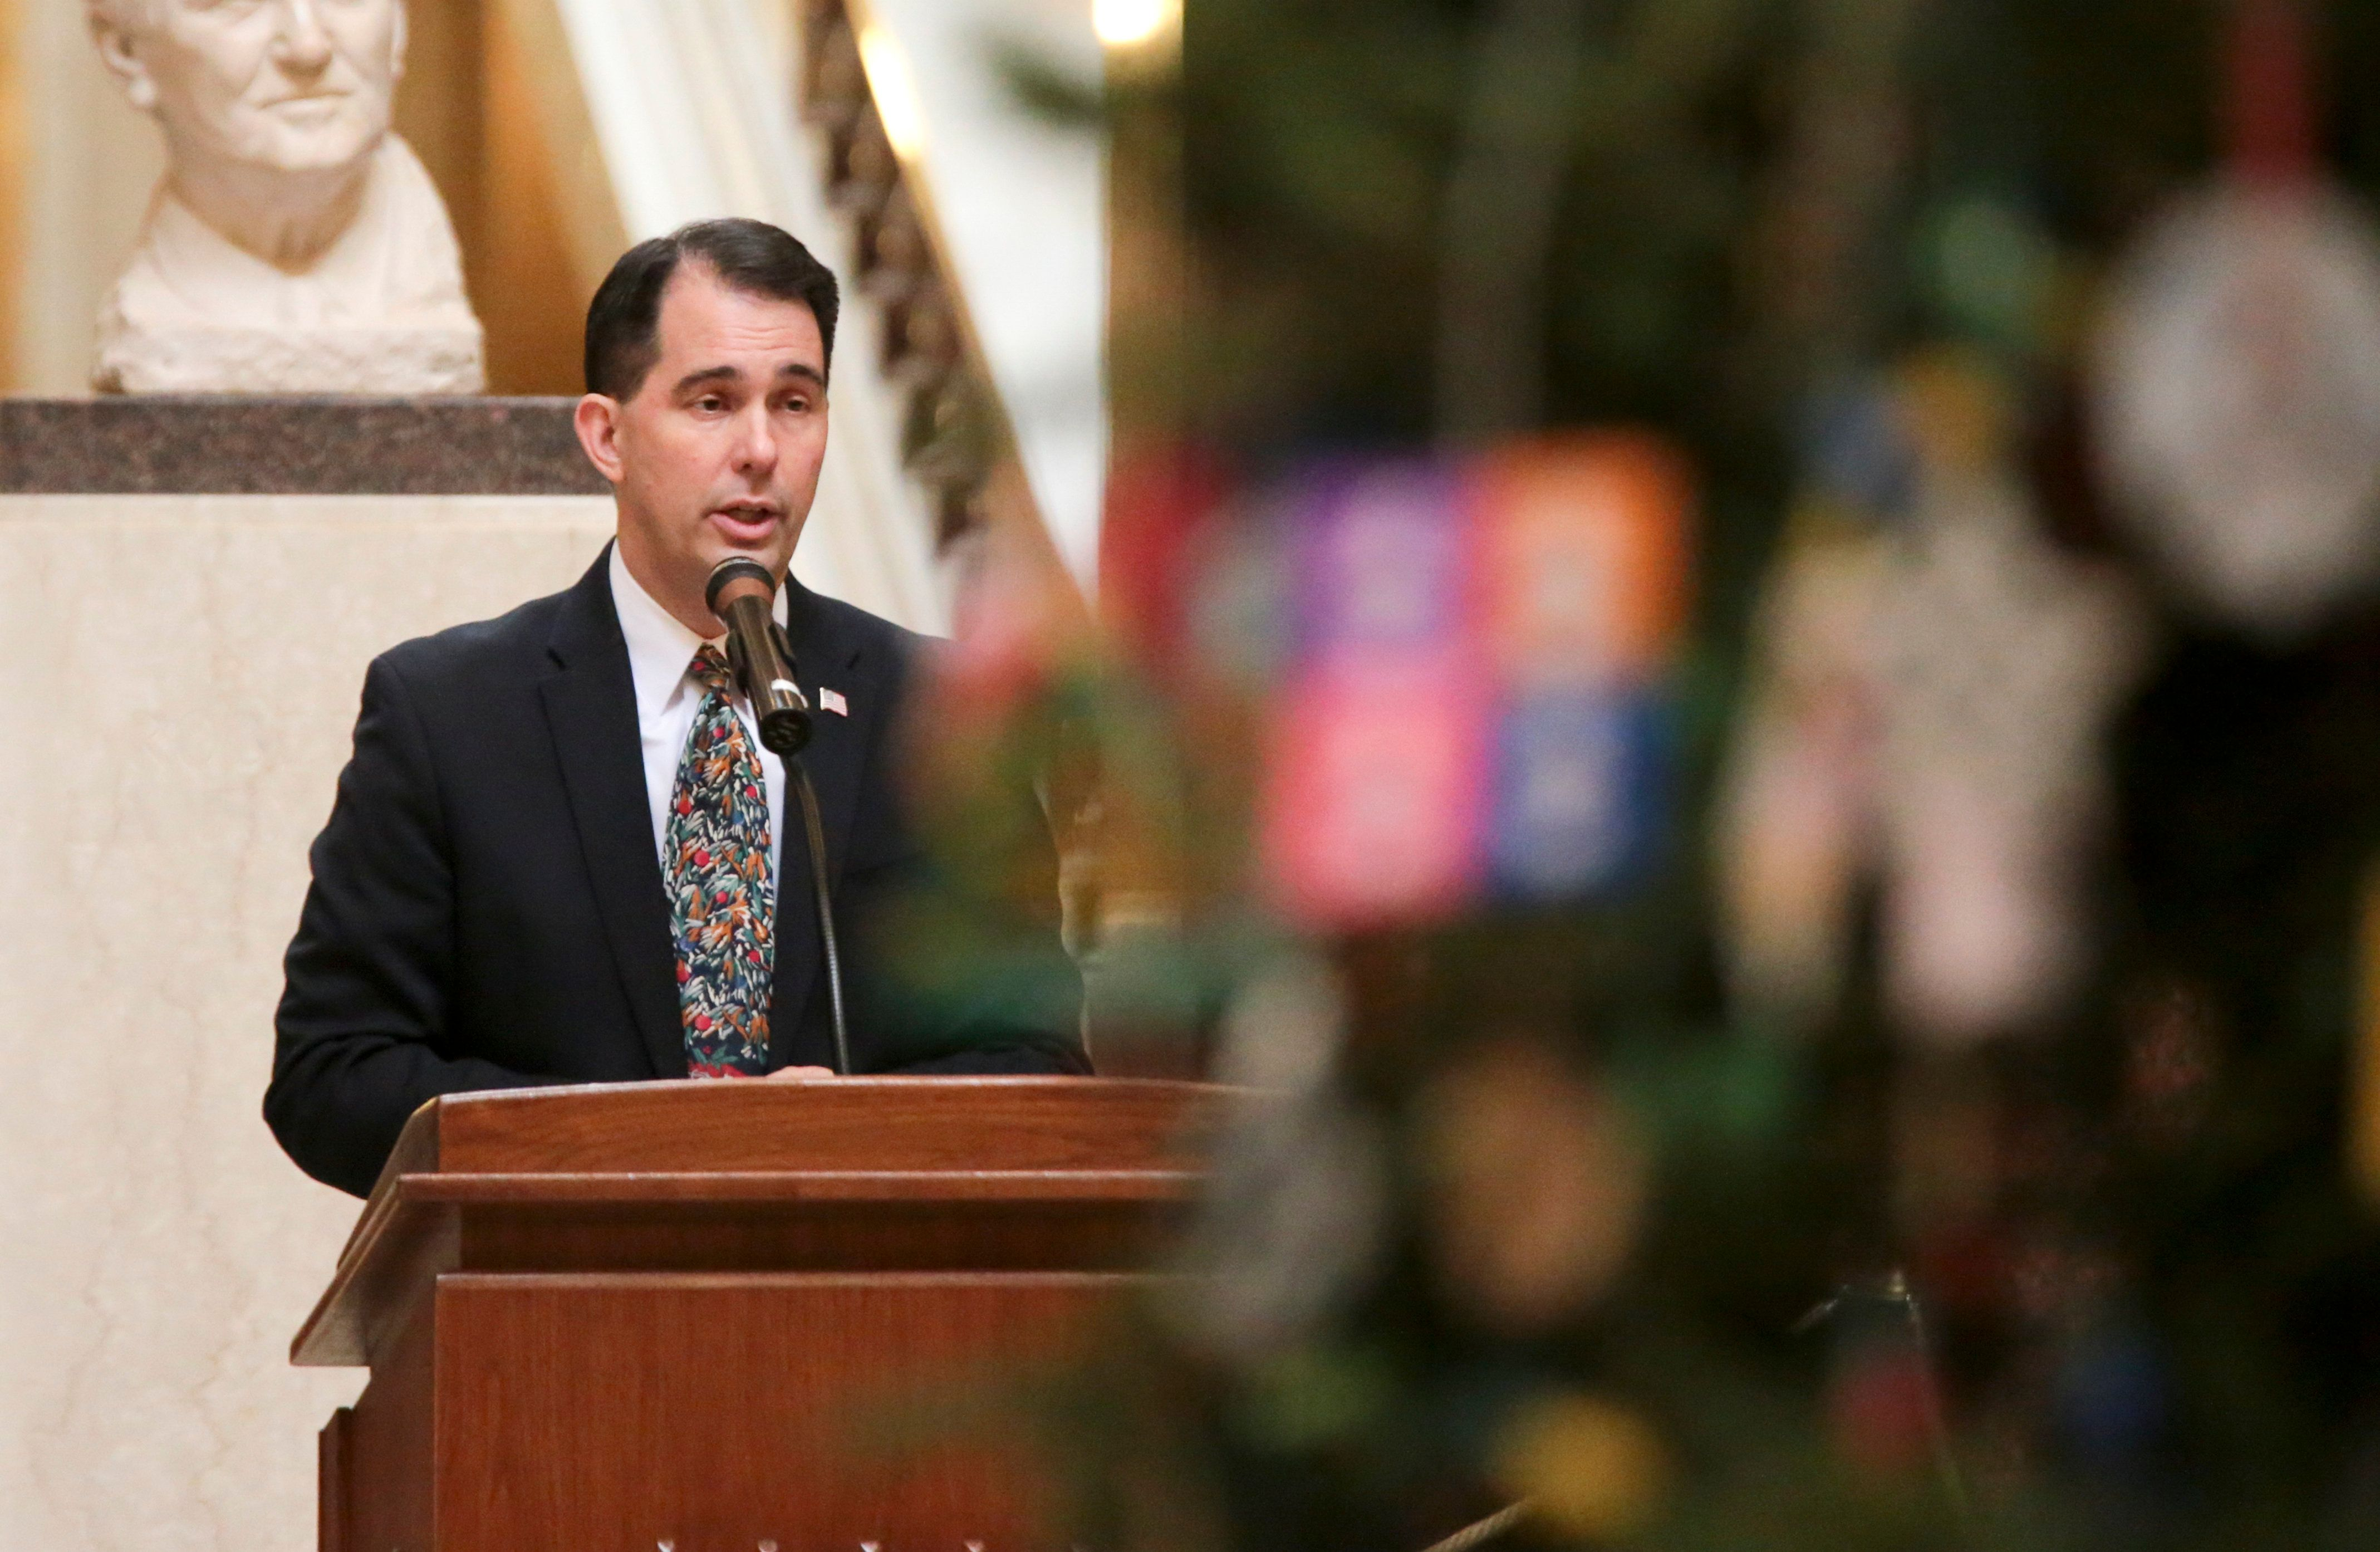 Appeals To Scott Walker: Don't Stain Legacy, Veto Bills